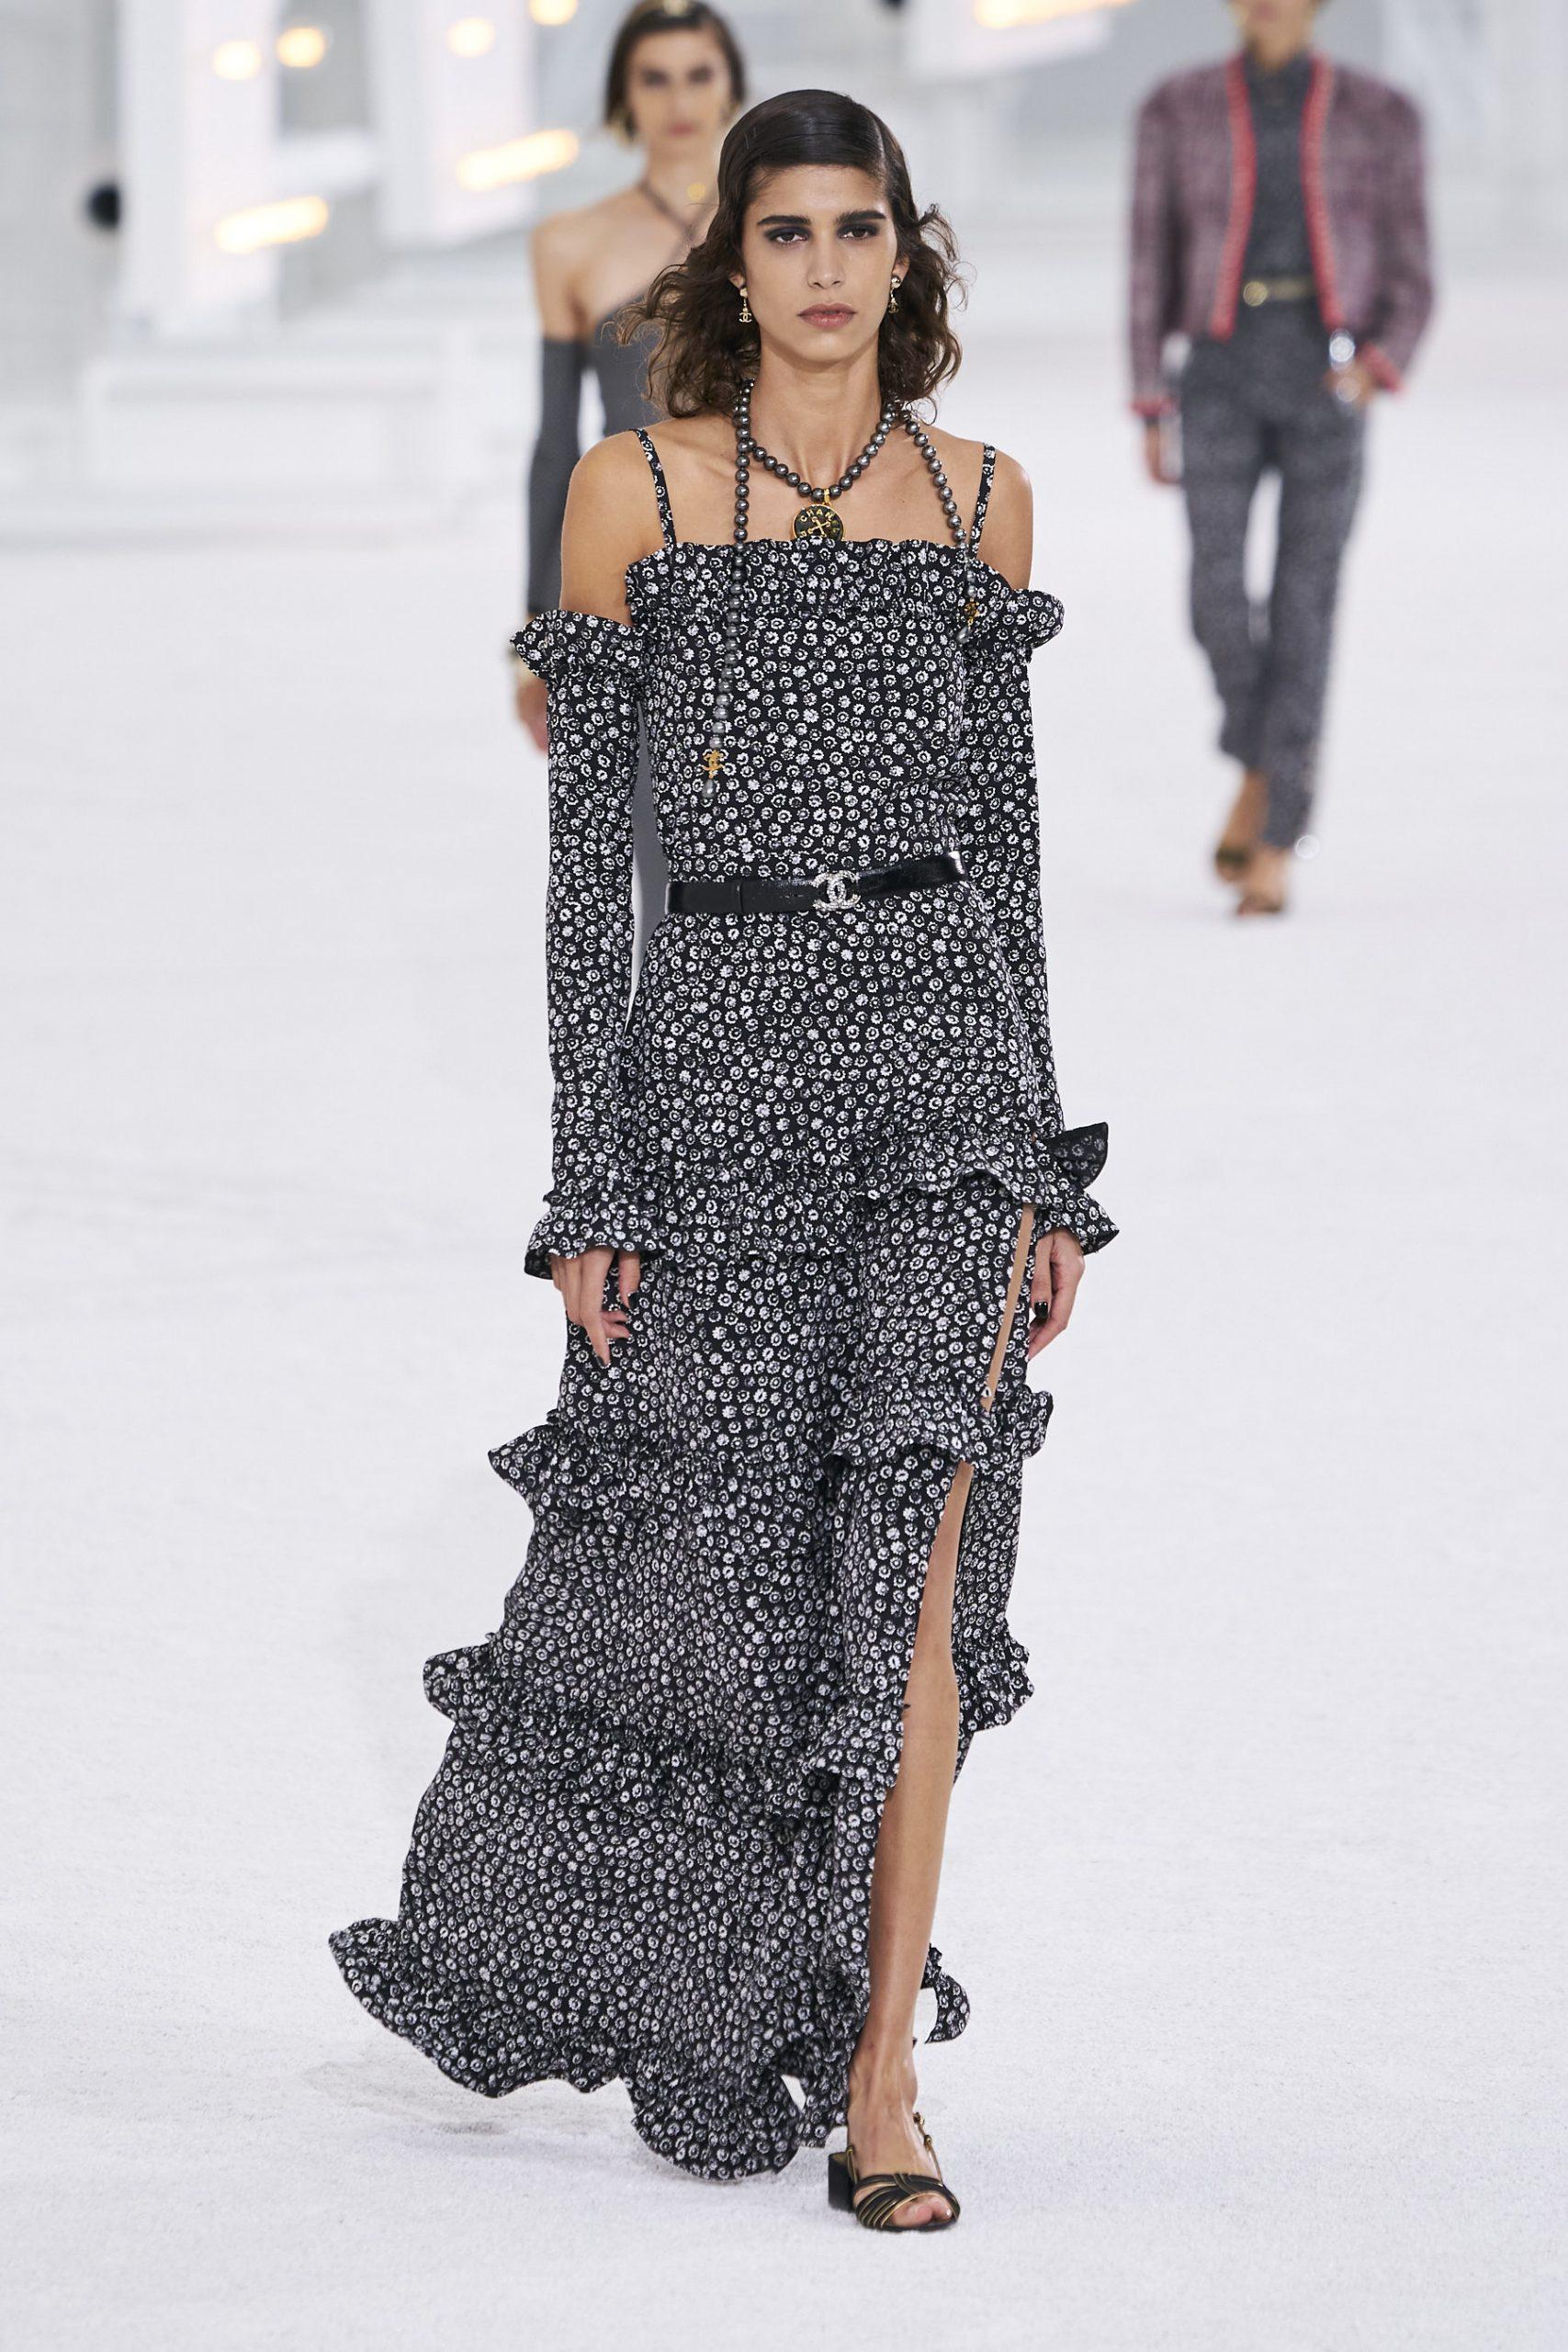 12. kép: Párizsi Divathét - Chanel - 2021 tavasz-nyár - ready to wear